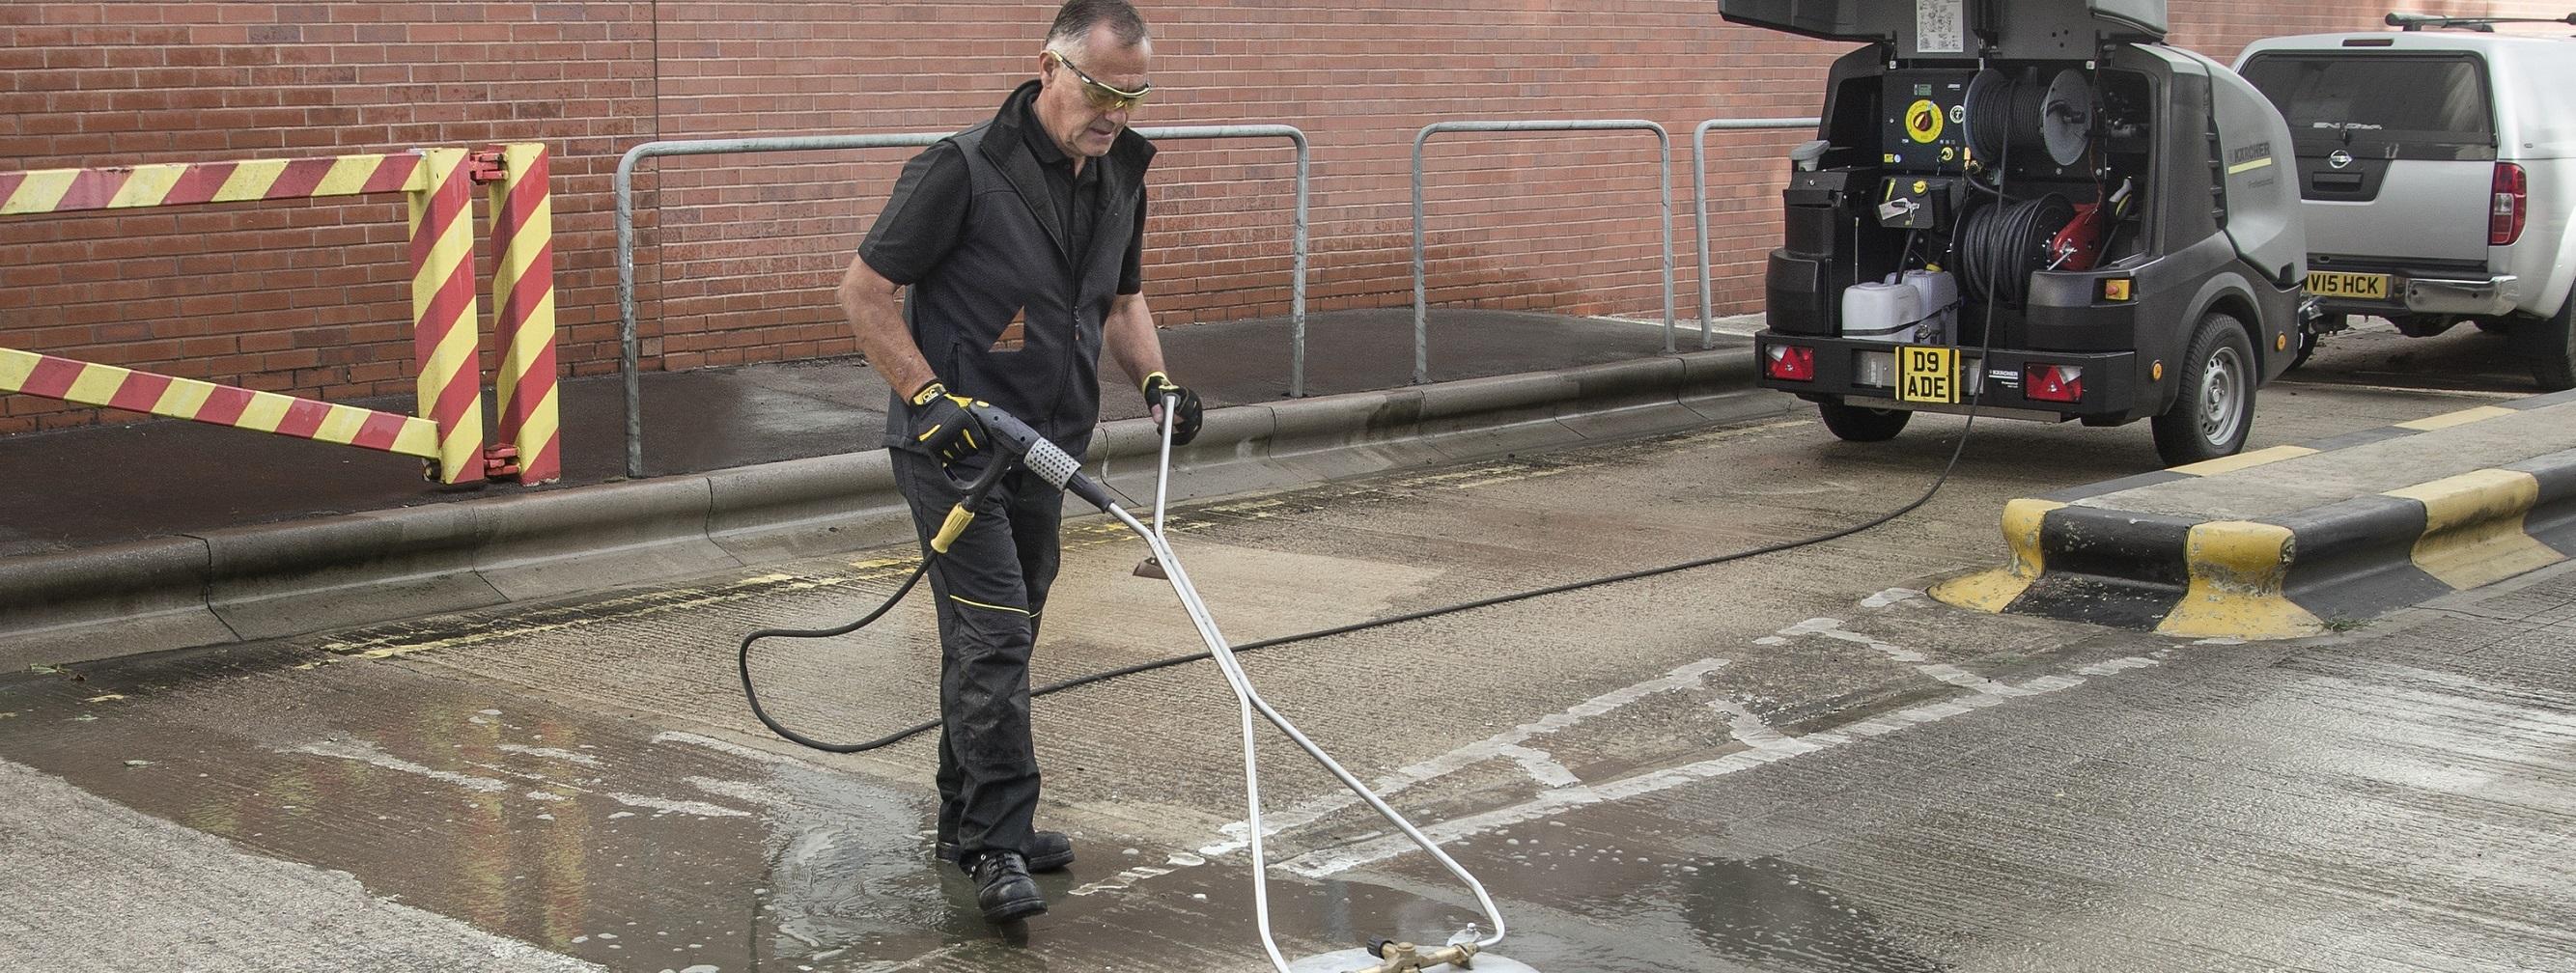 卡赫热水高压清洗机消毒杀菌的解决方案